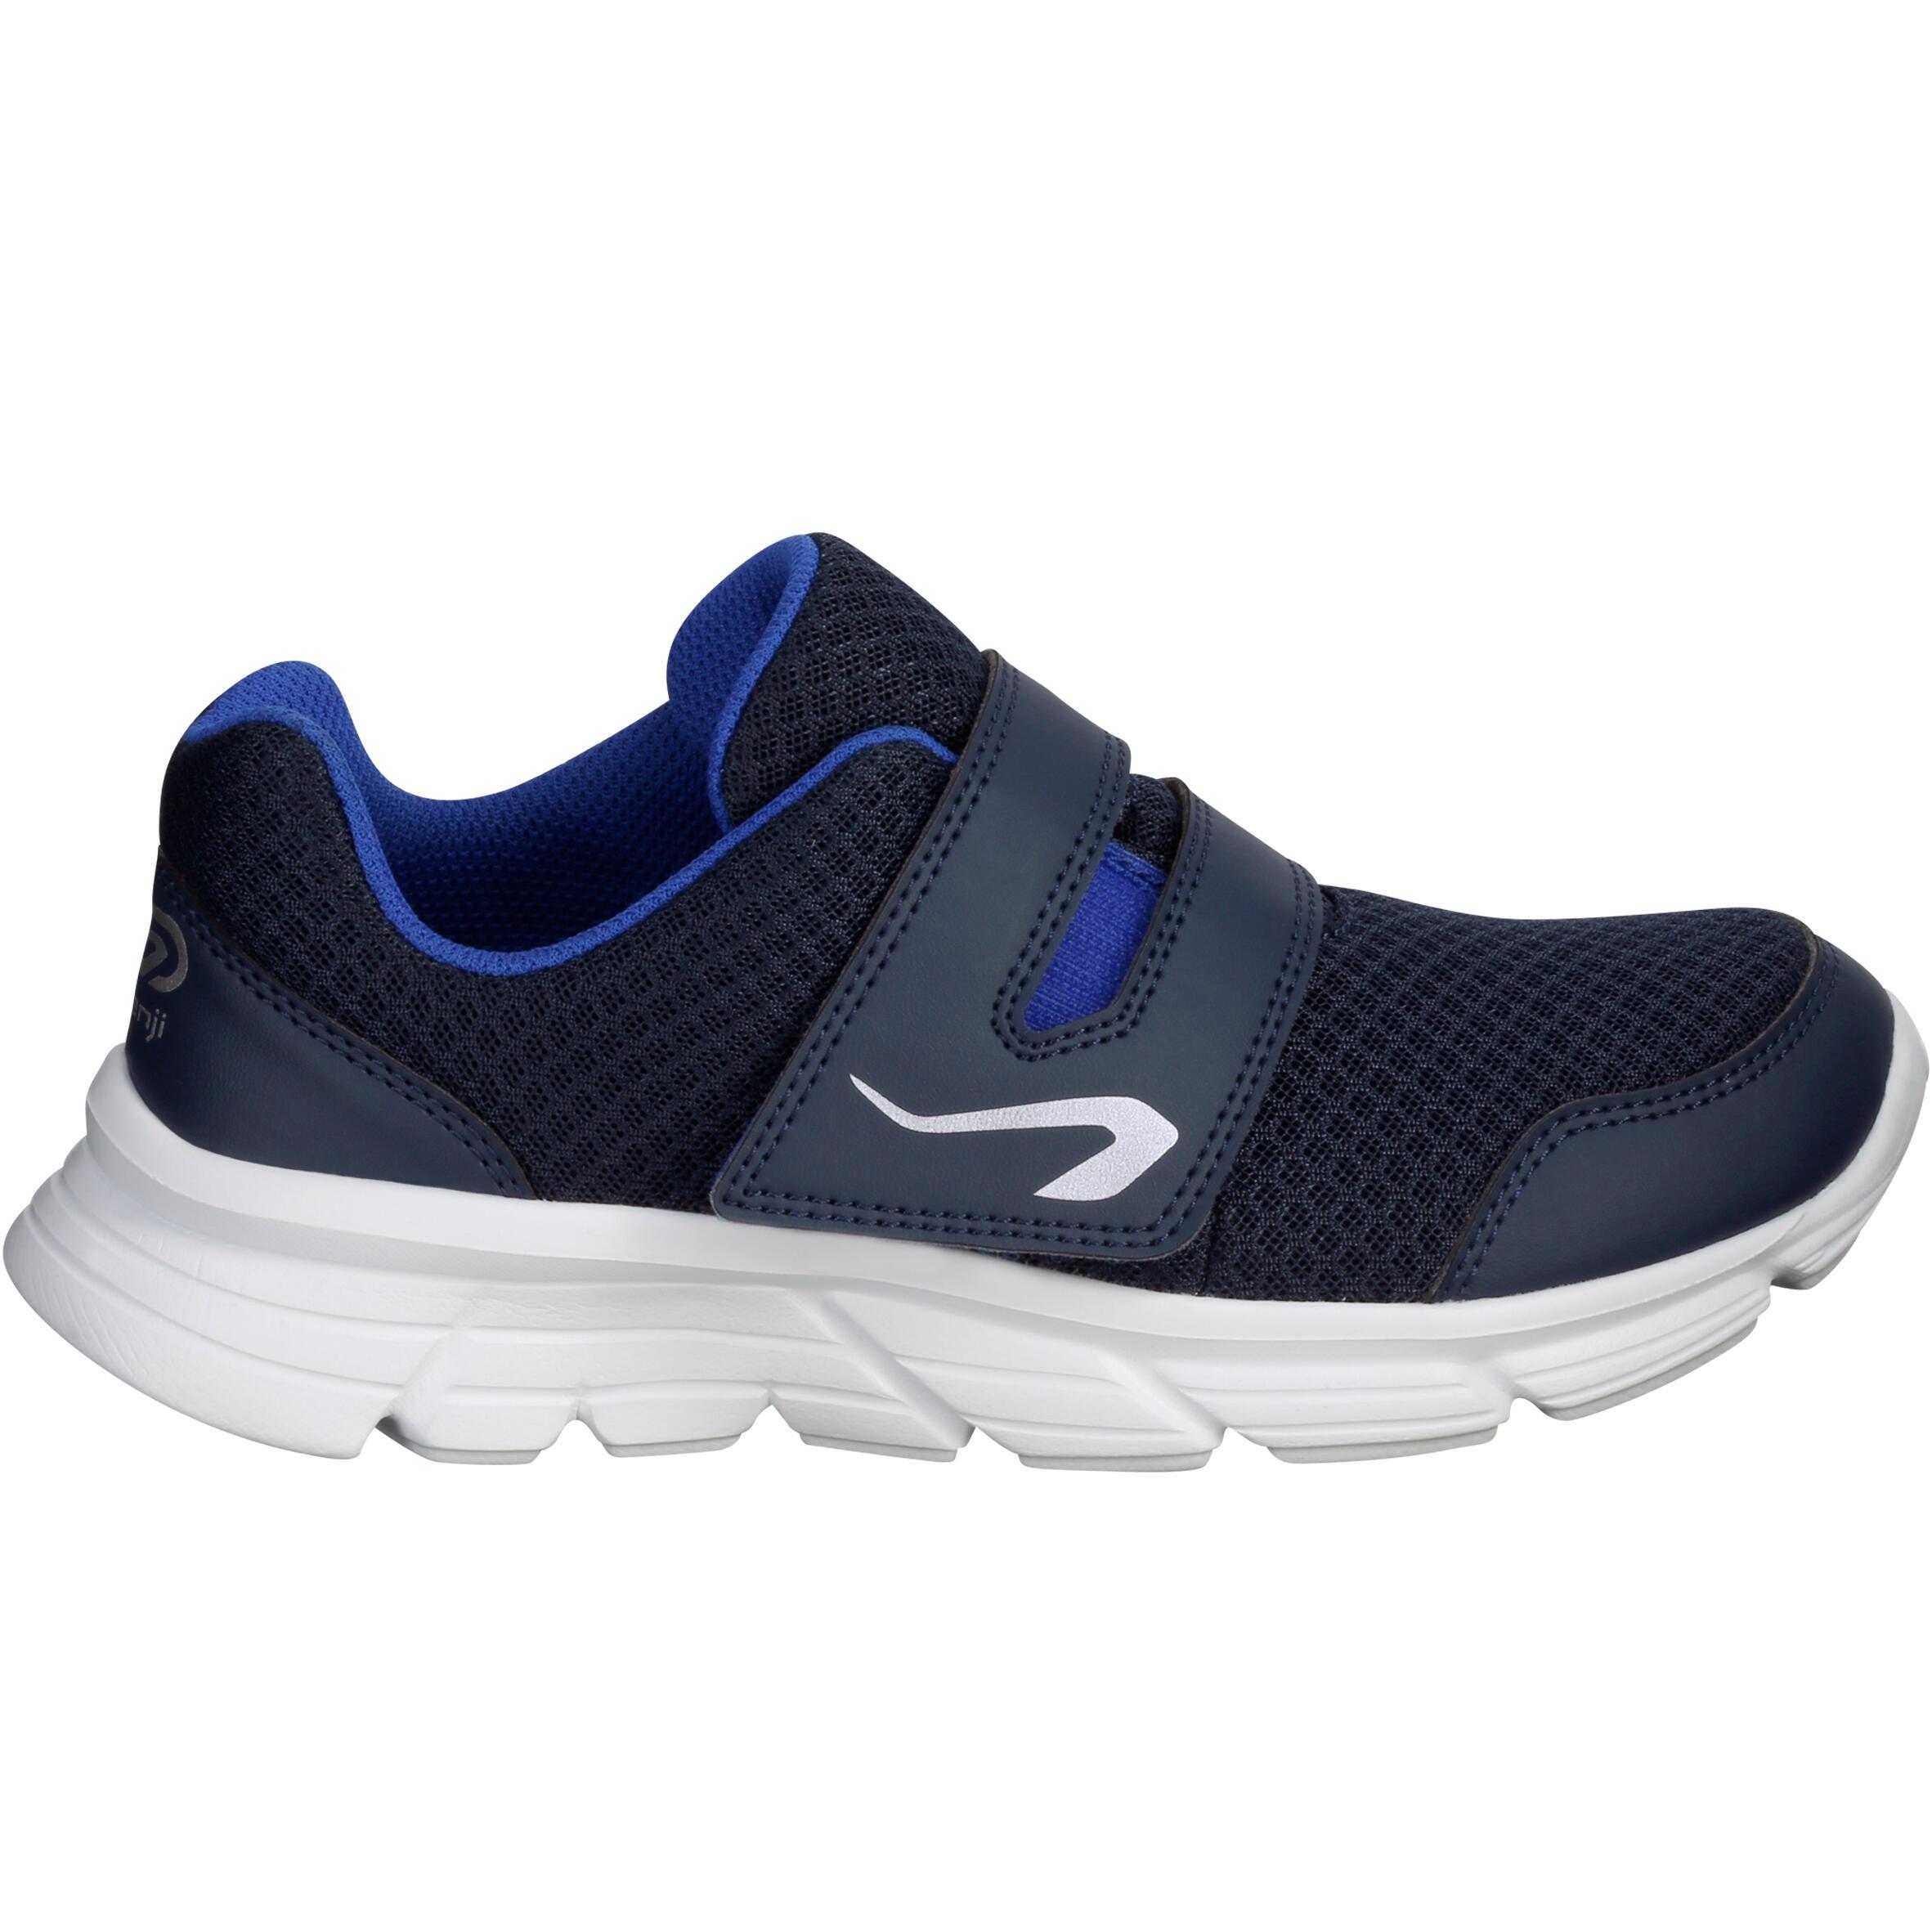 Ekiden One Sepatu Lari Anak-Anak - Navy